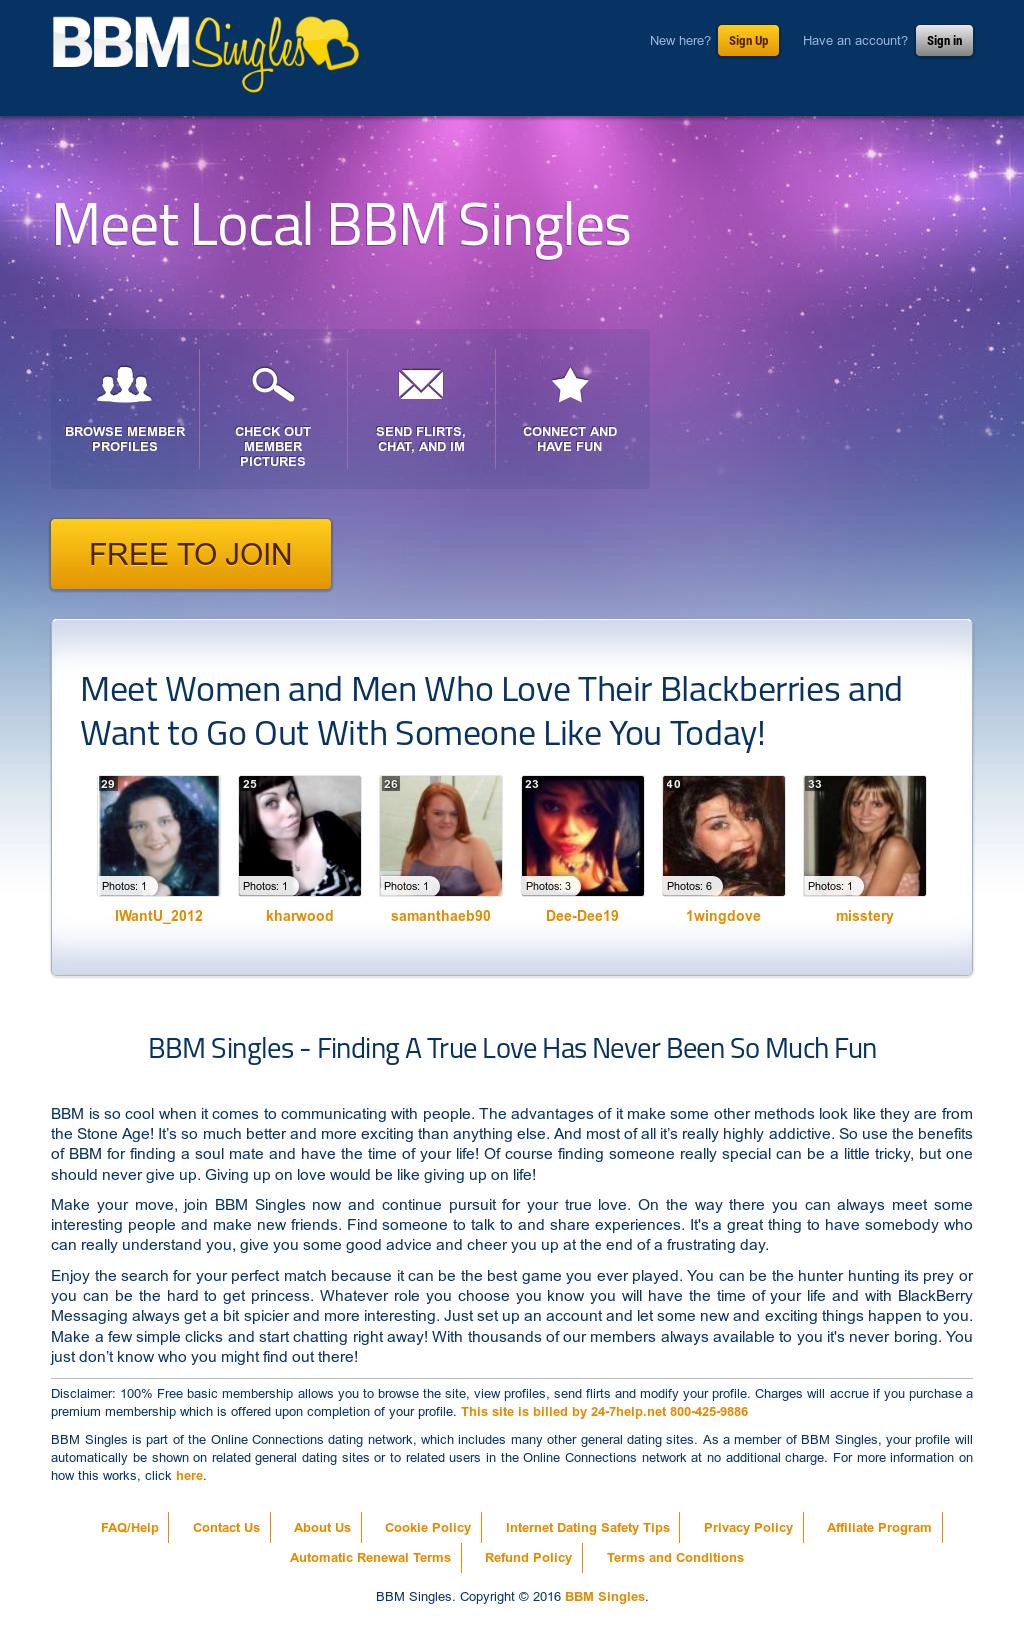 BBM dating online Wat is de leeftijdsgrens voor dating in Texas